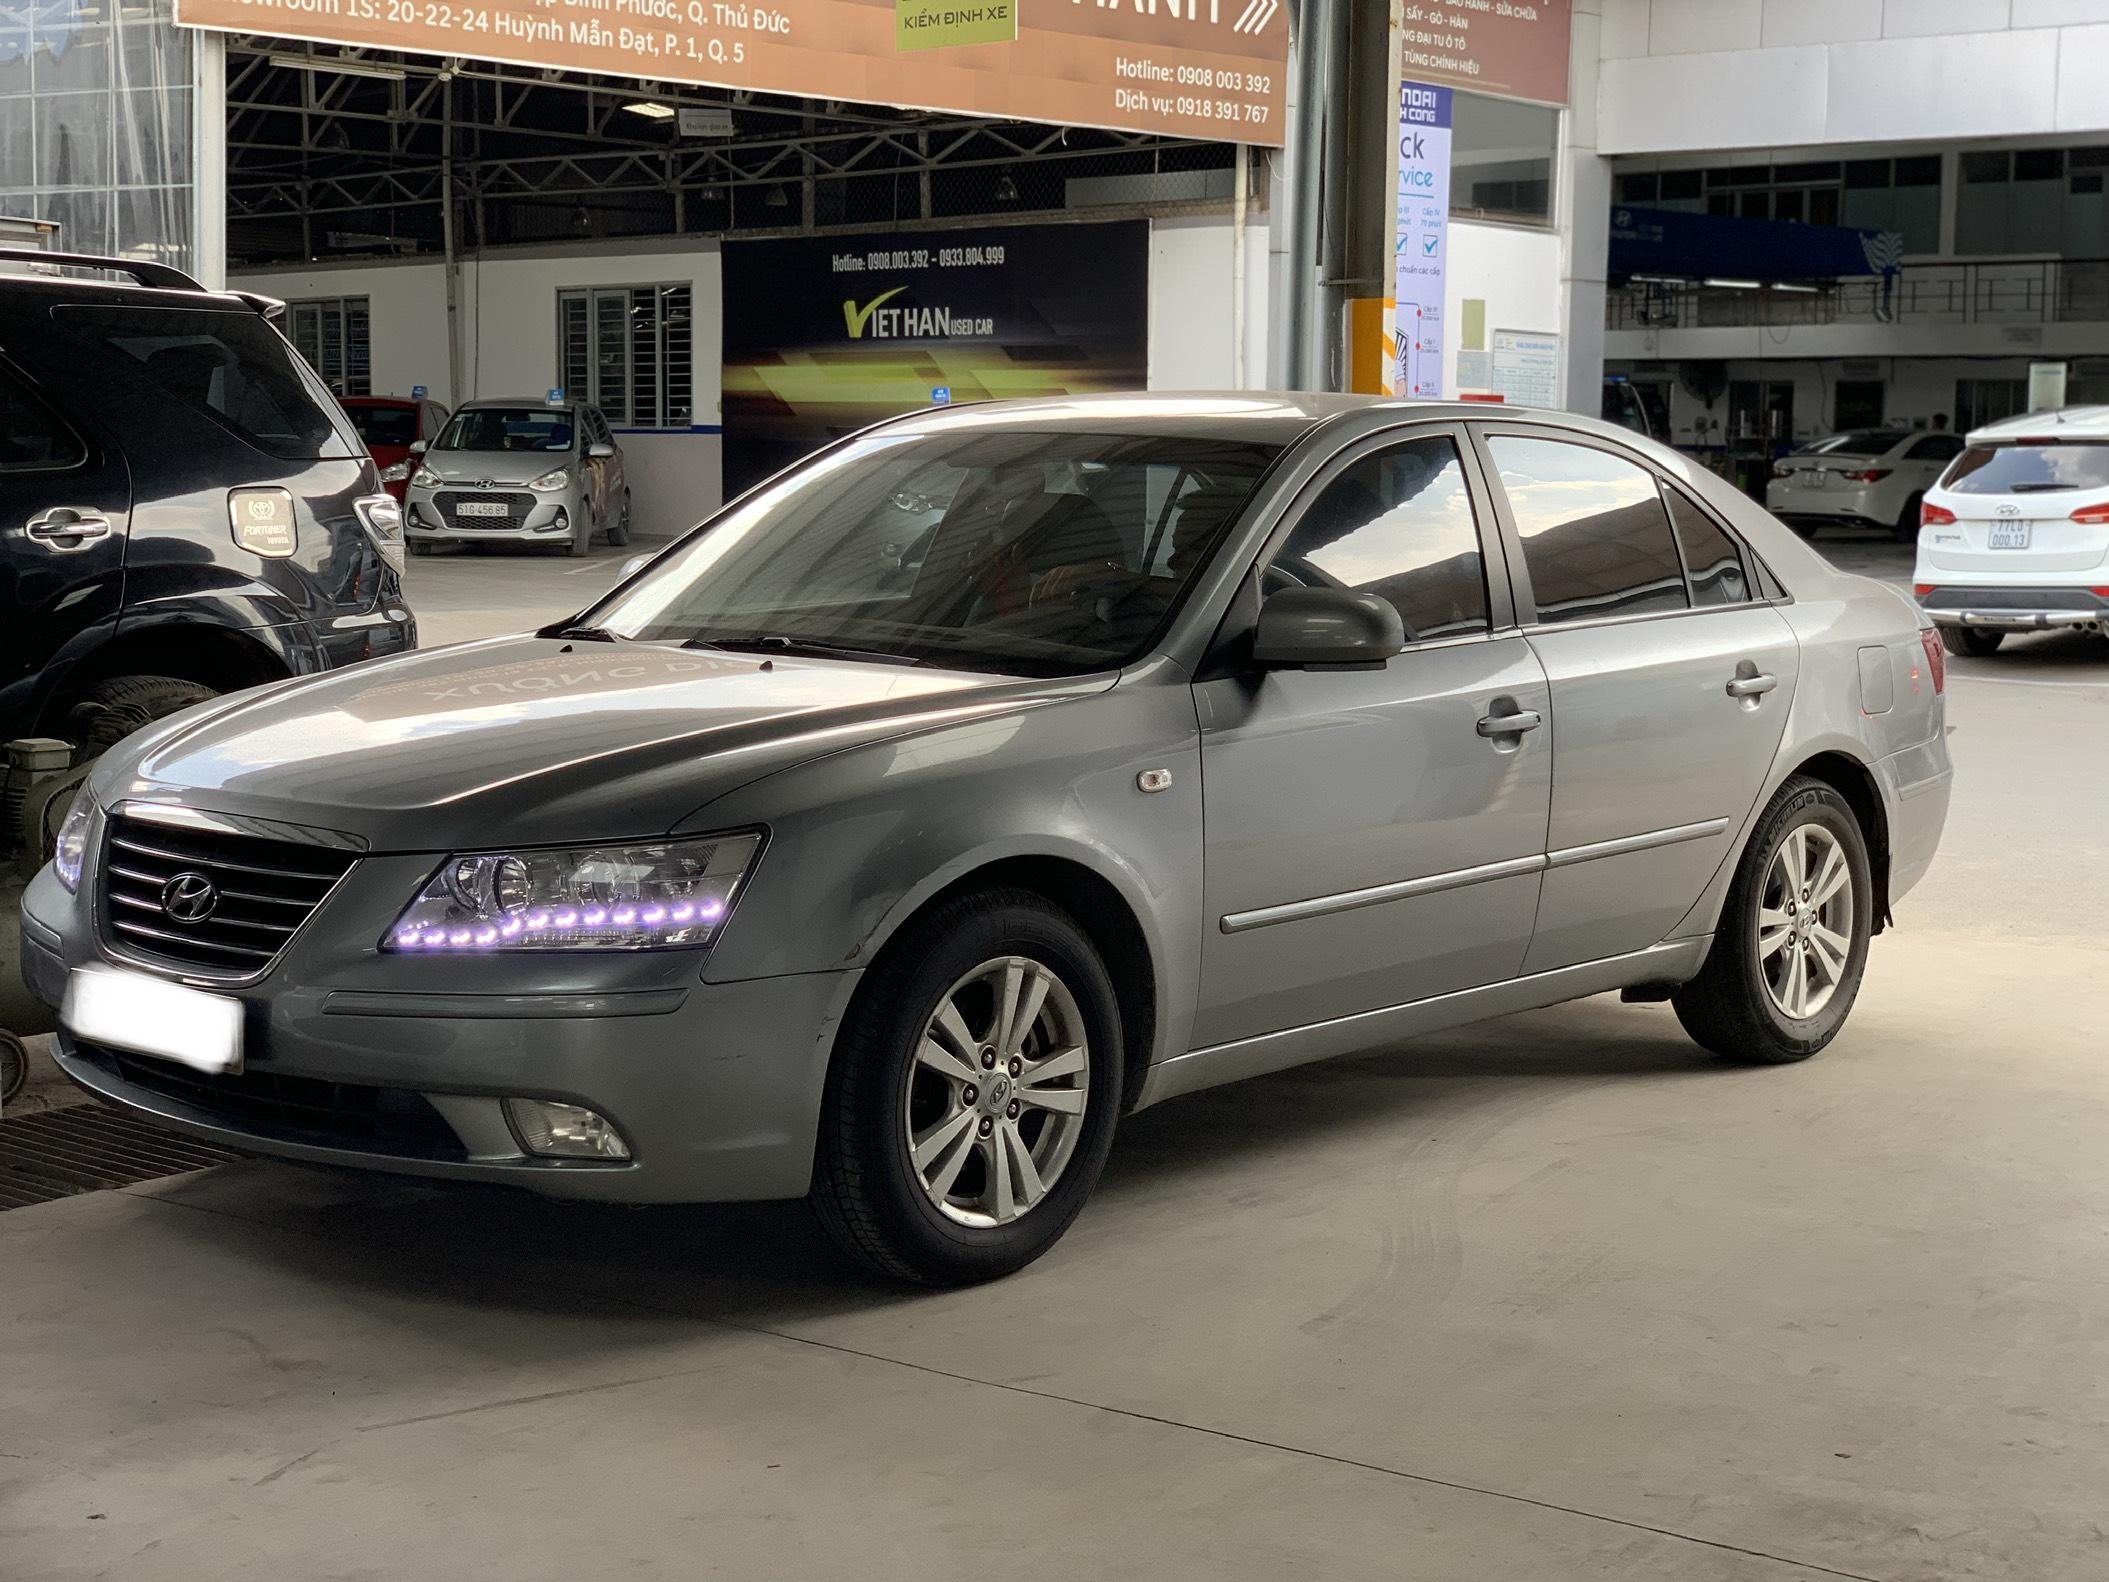 Bán Sonata 2.0MT 2009, màu bạc, đúng chất, giá TL, hổ trợ góp